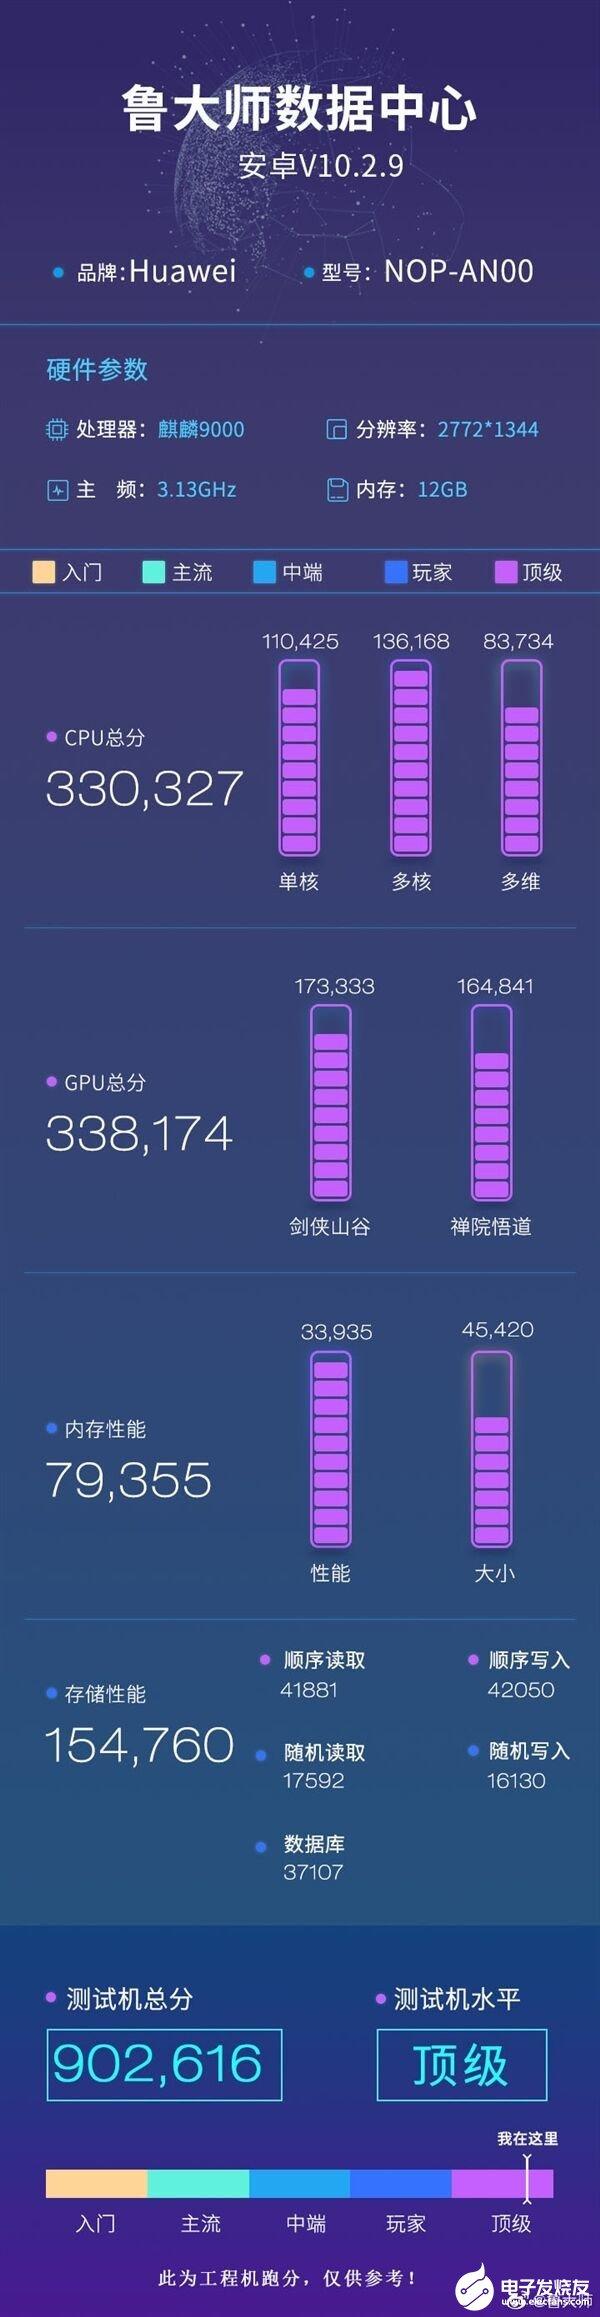 华为Mate40 Pro+的跑分数据发布,总分成绩达到了902616分